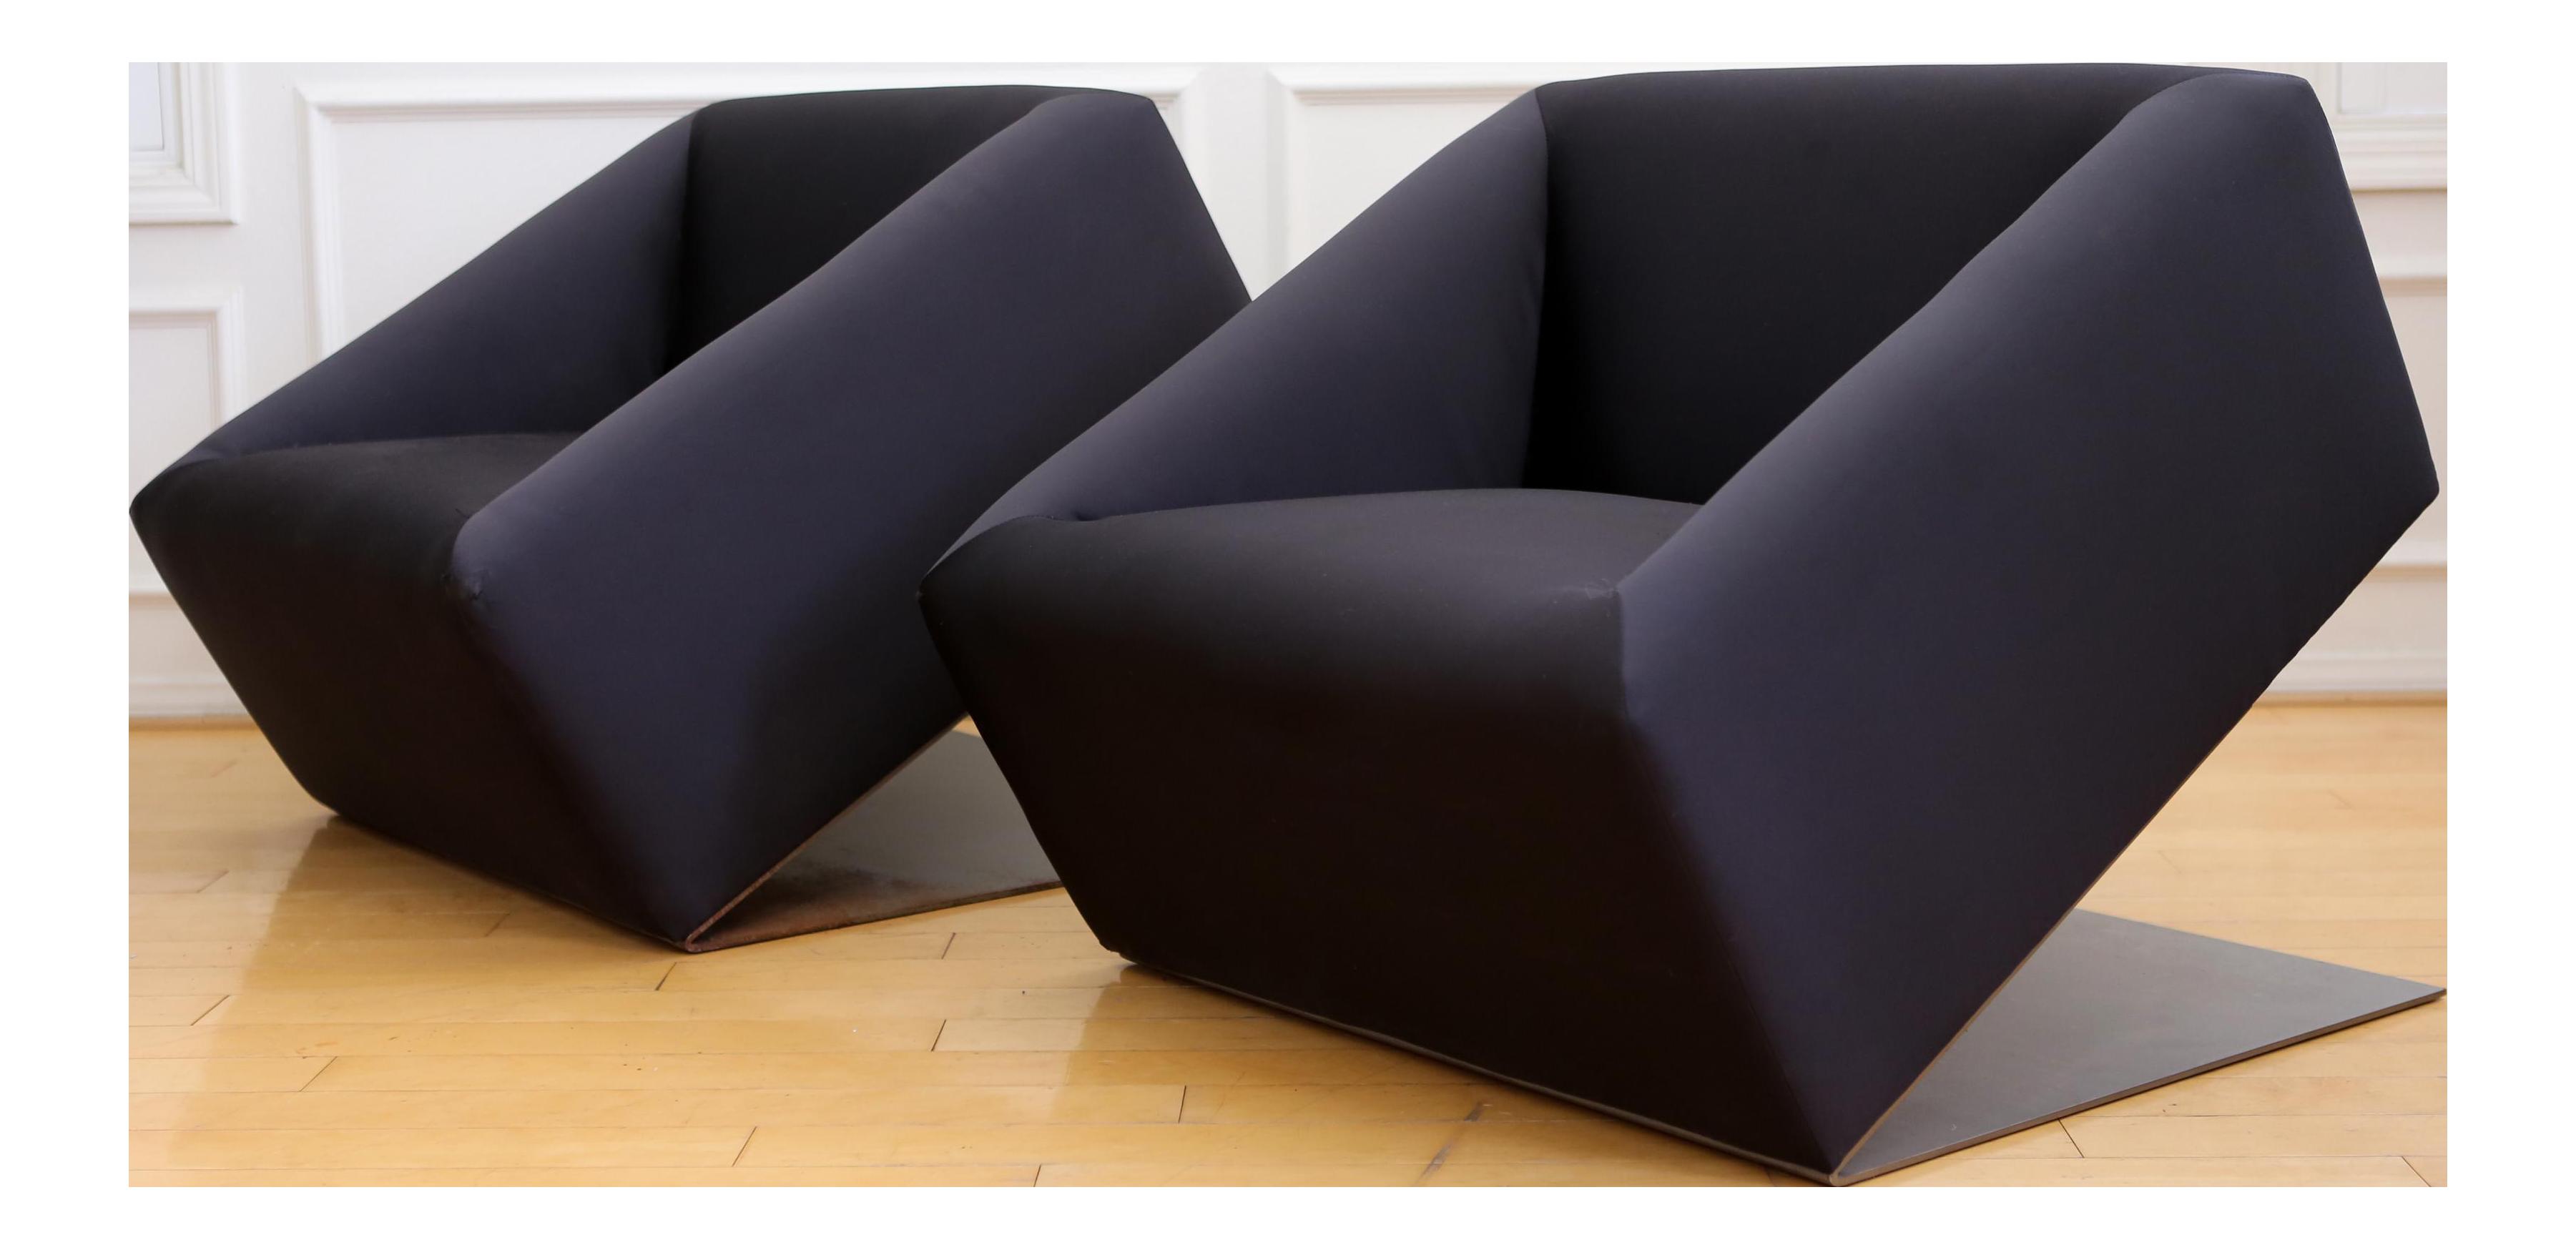 custom club chairs. Black Silk Modern Custom Club Chair - A Pair Chairs